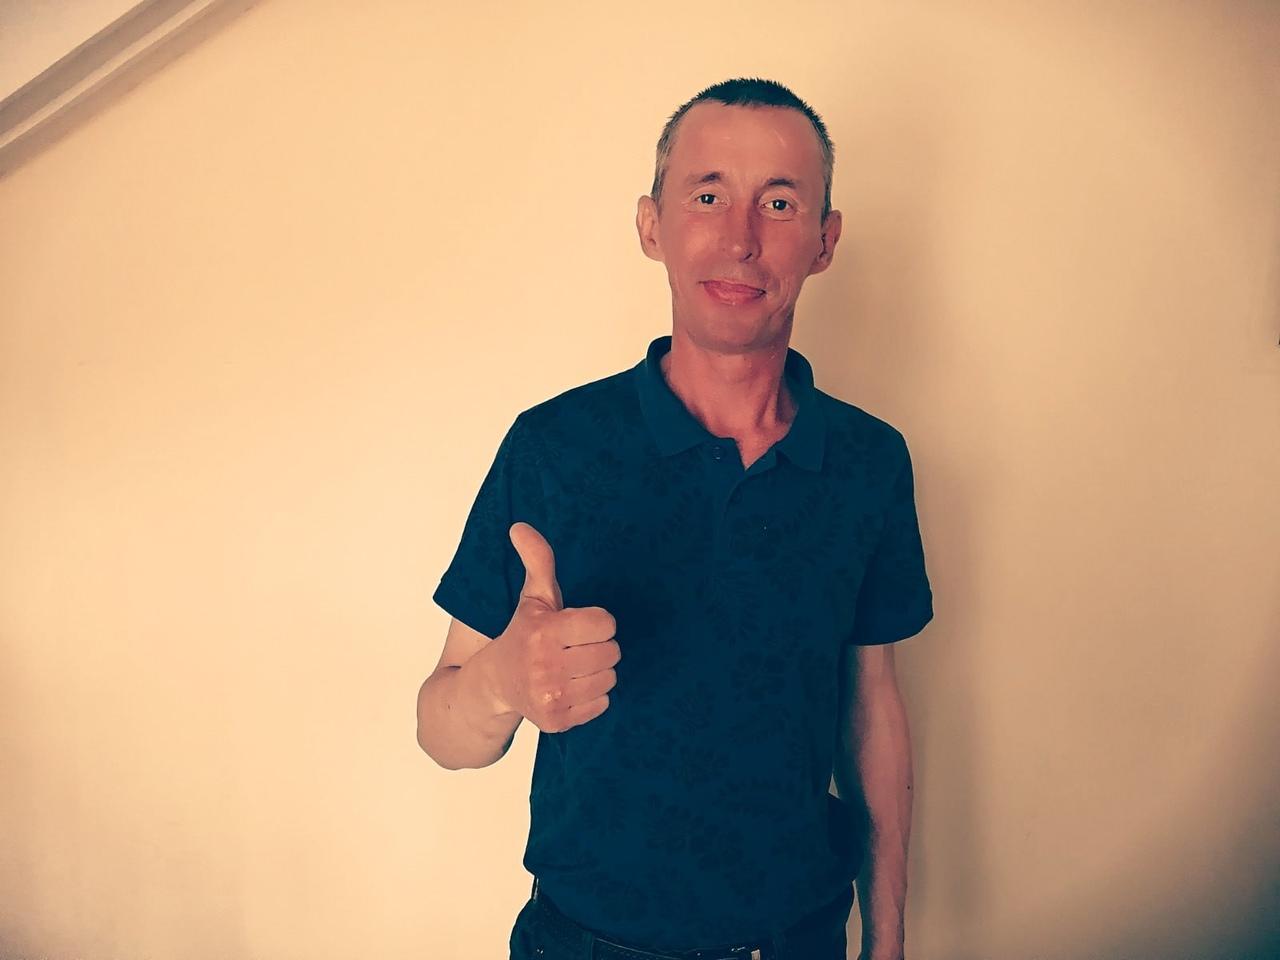 Андрей, бывший бездомный из Перми